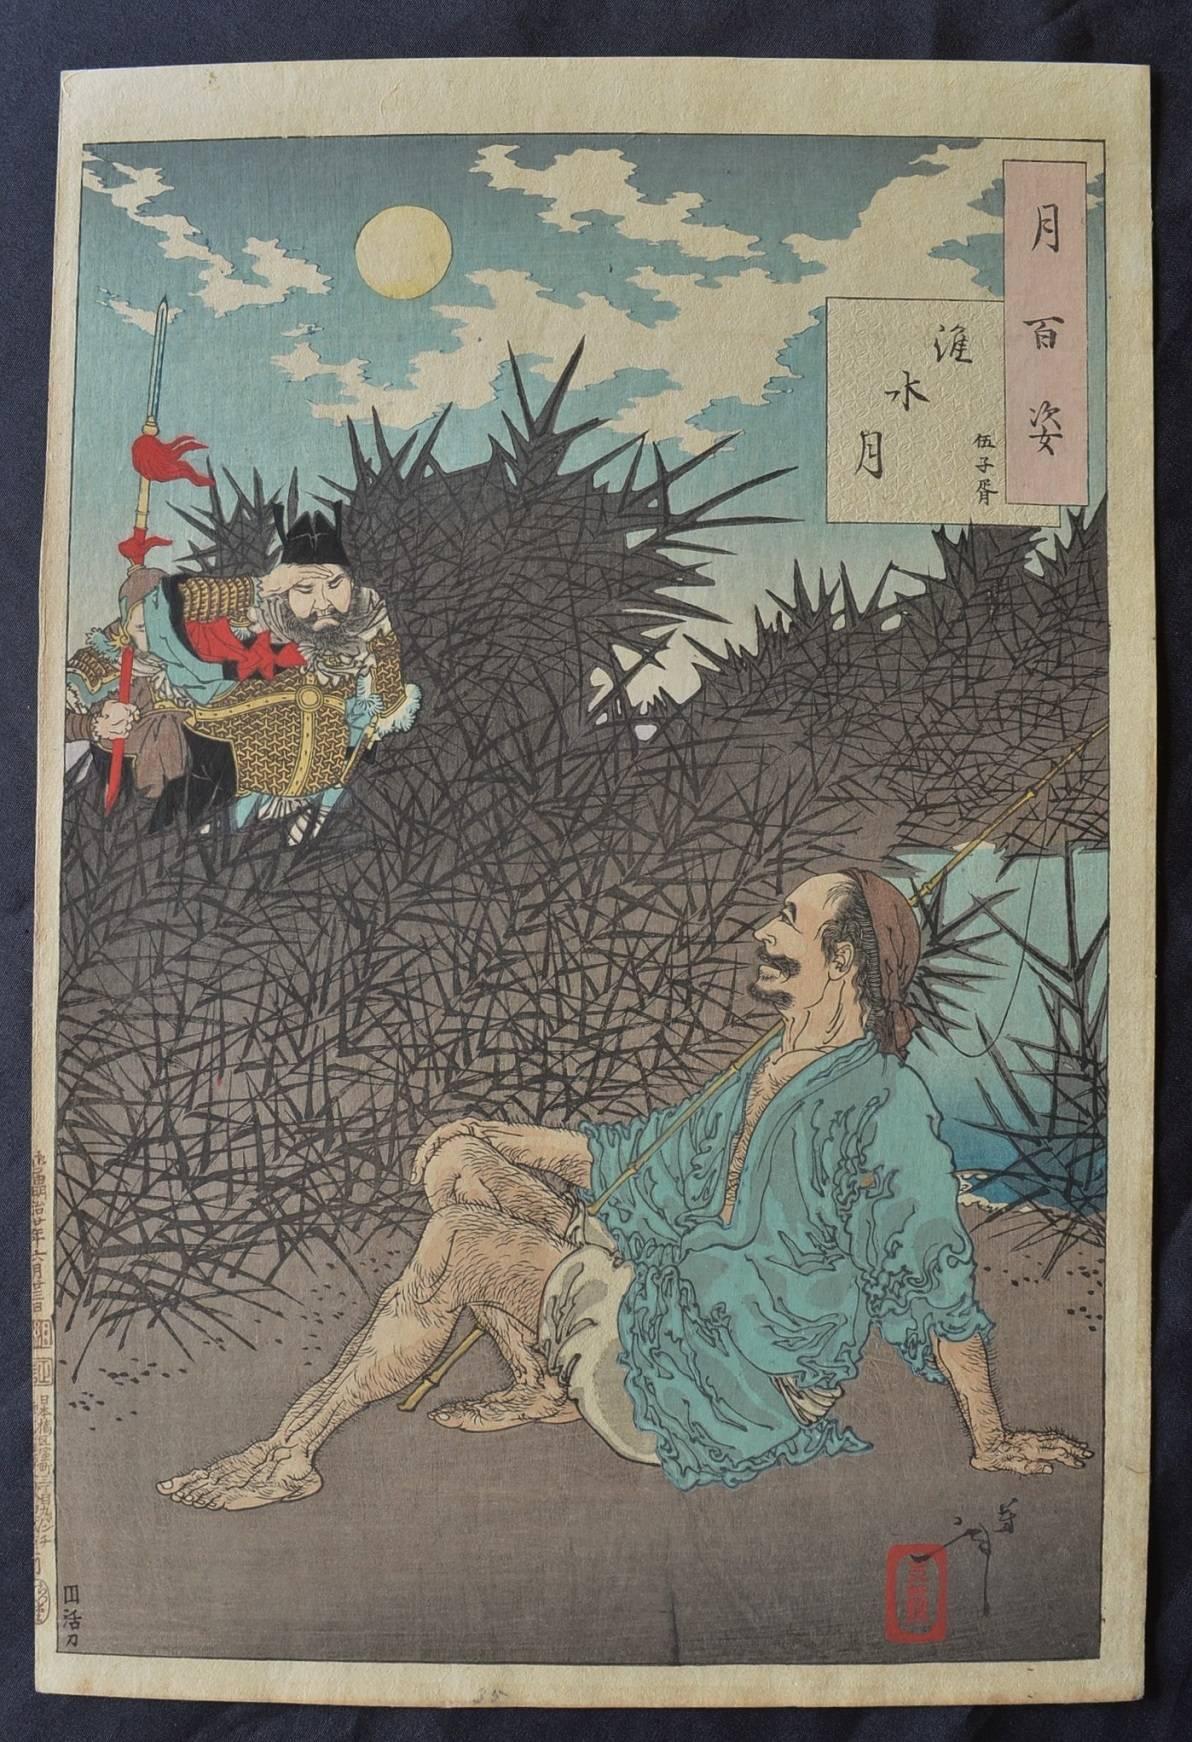 TAISO YOSHITOSHI: #P3331 WU ZIZU - HUAI RIVER MOON FROM 100 ASPECTS OF THE MOON SERIES